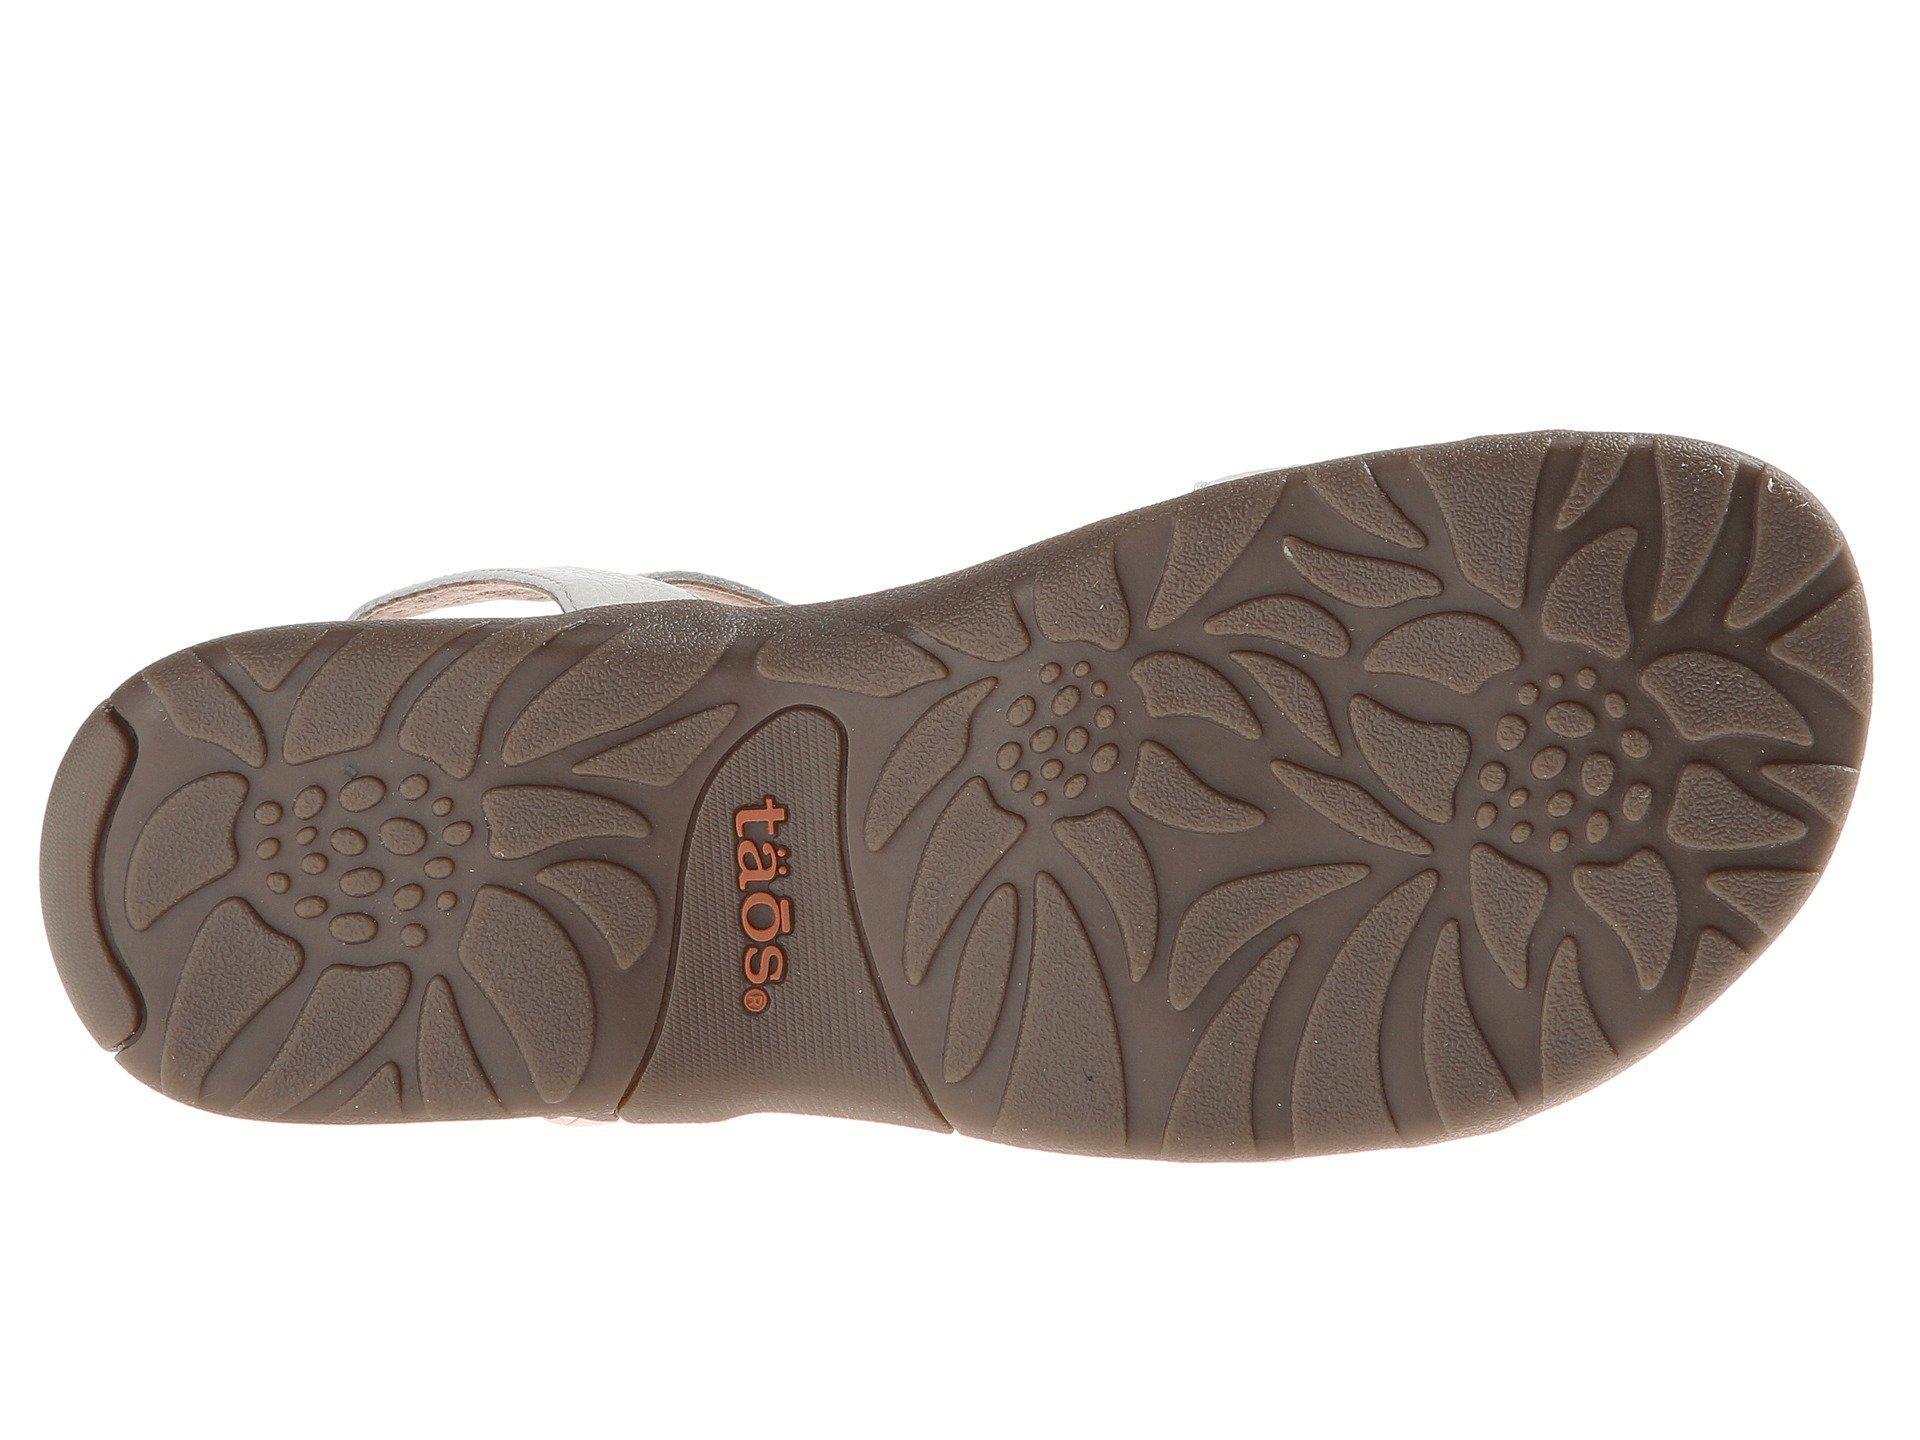 4f0550d27c00f9 Lyst - Taos Footwear Trophy (blush) Women s Sandals in White